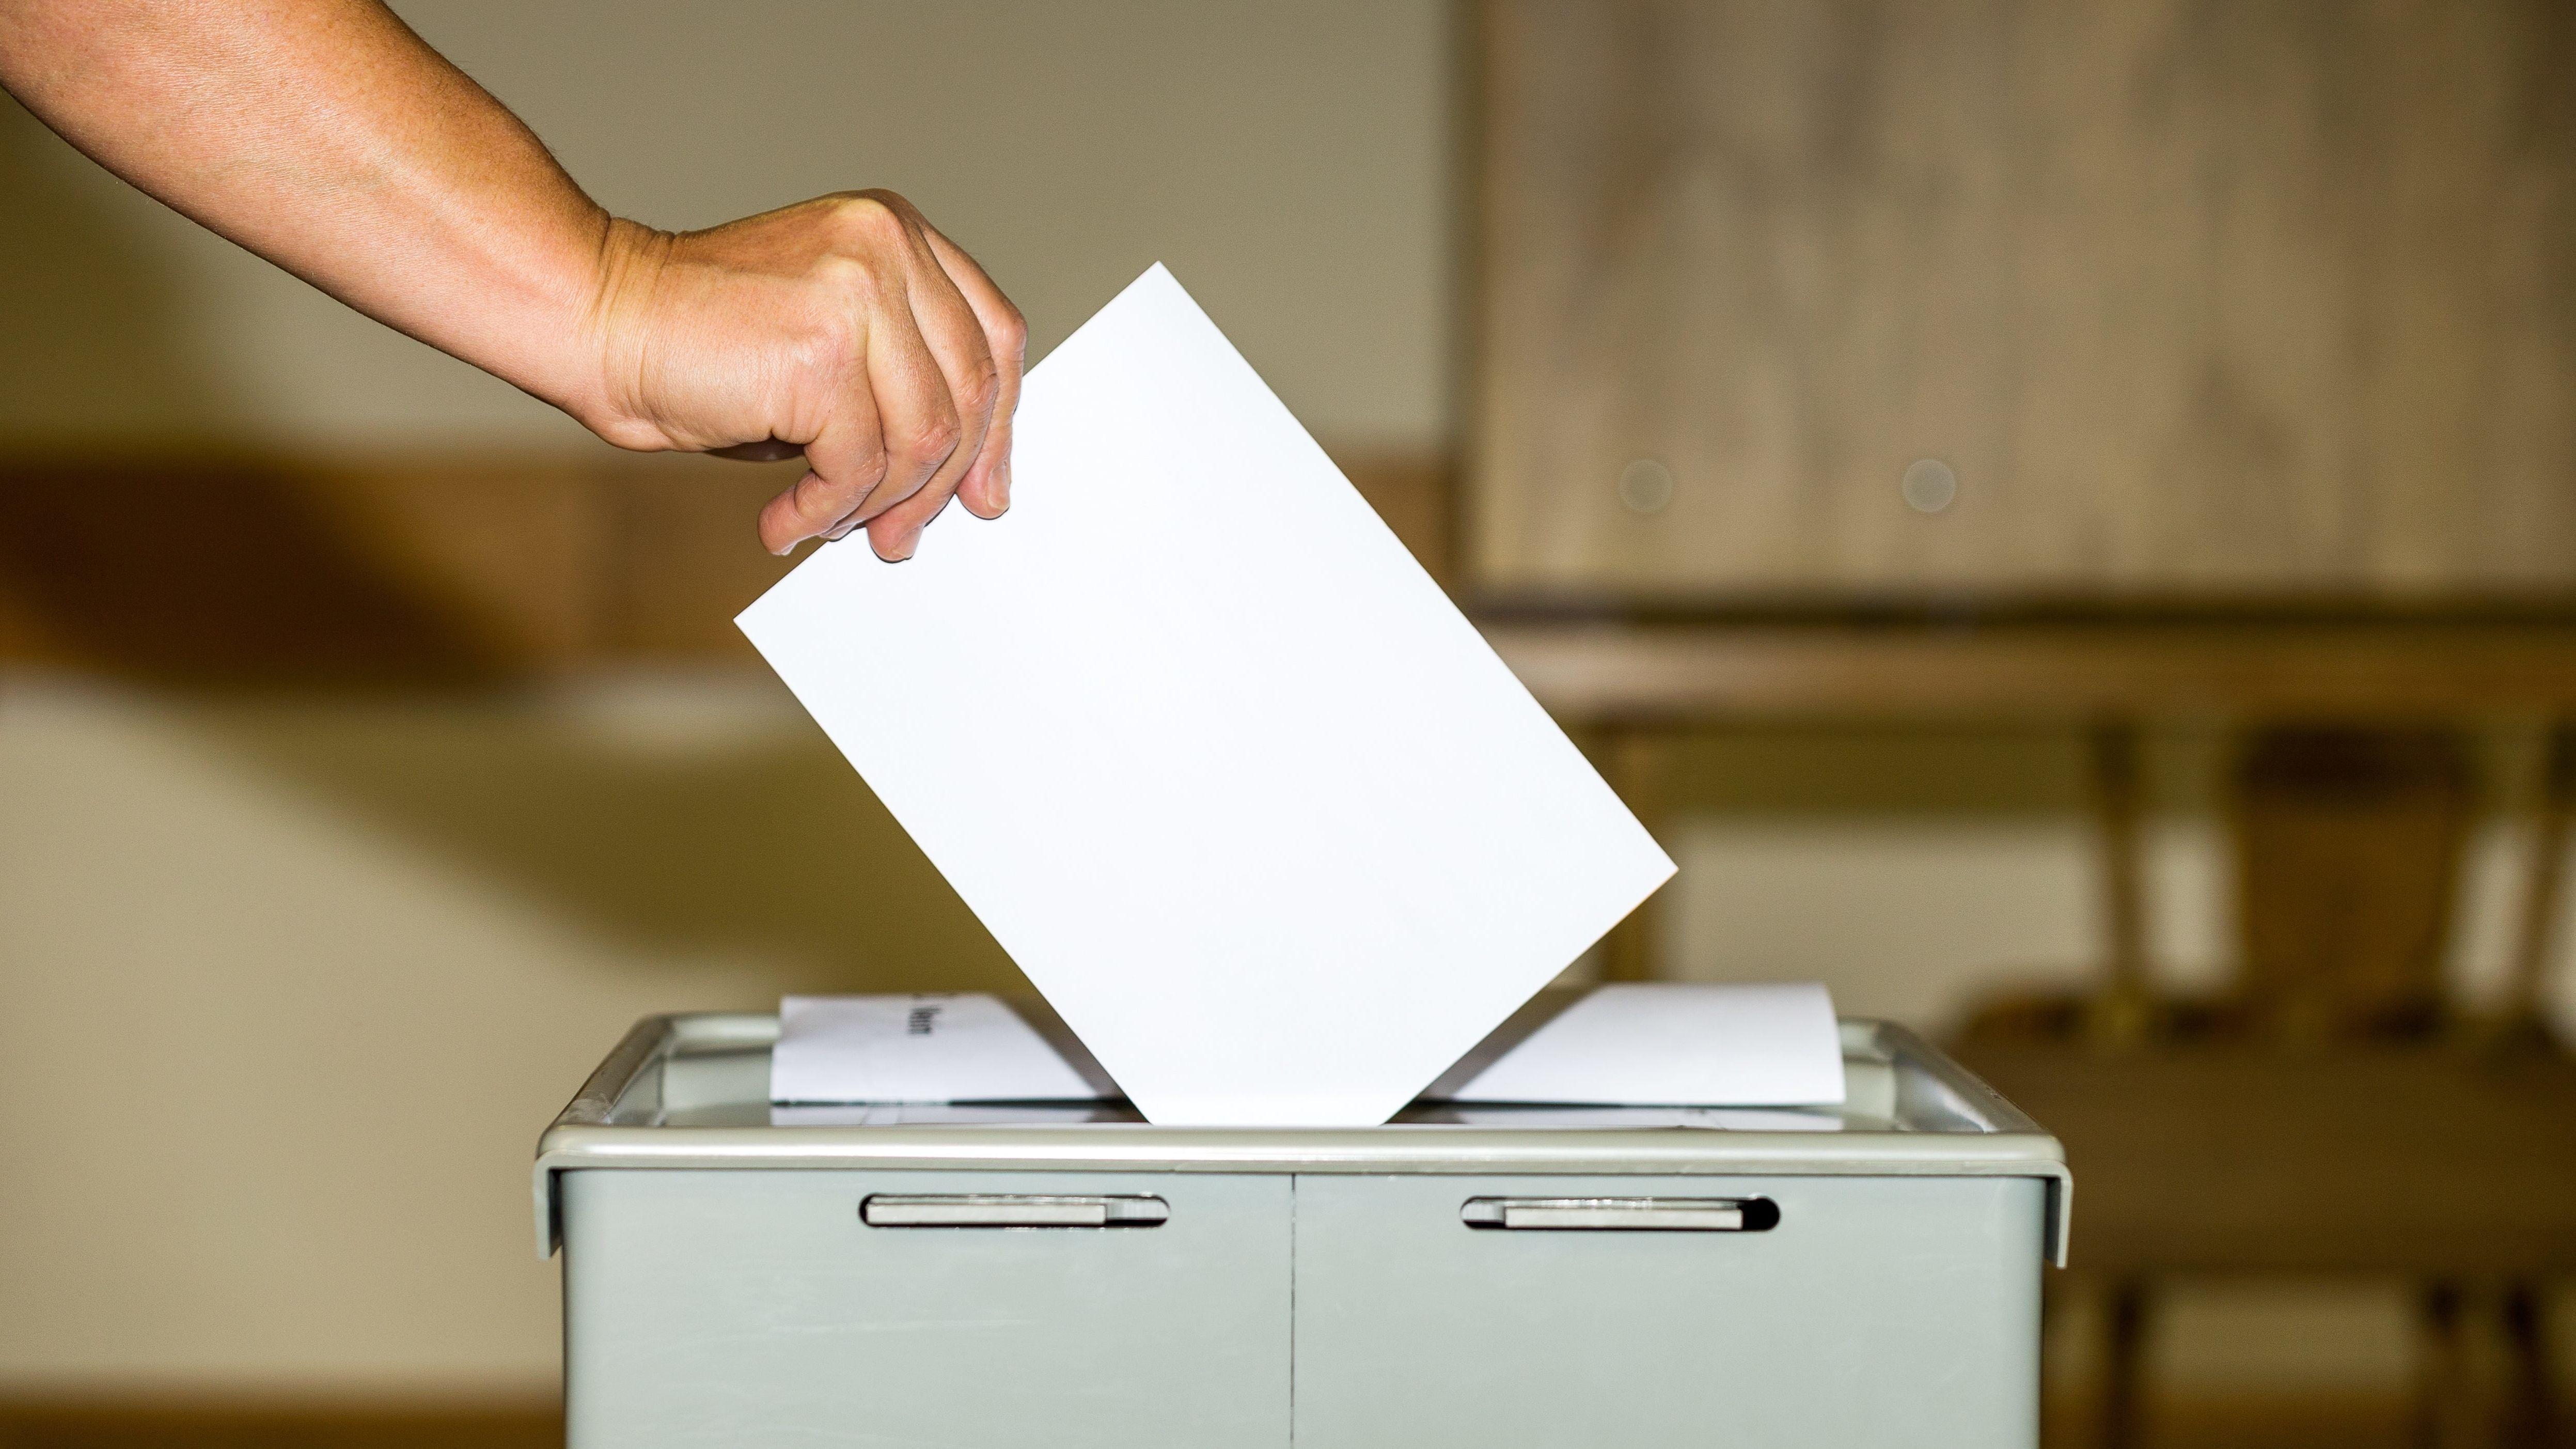 Ein Wähler wirft seinen Stimmzettel zu einem Bürgerentscheid in die Wahlurne